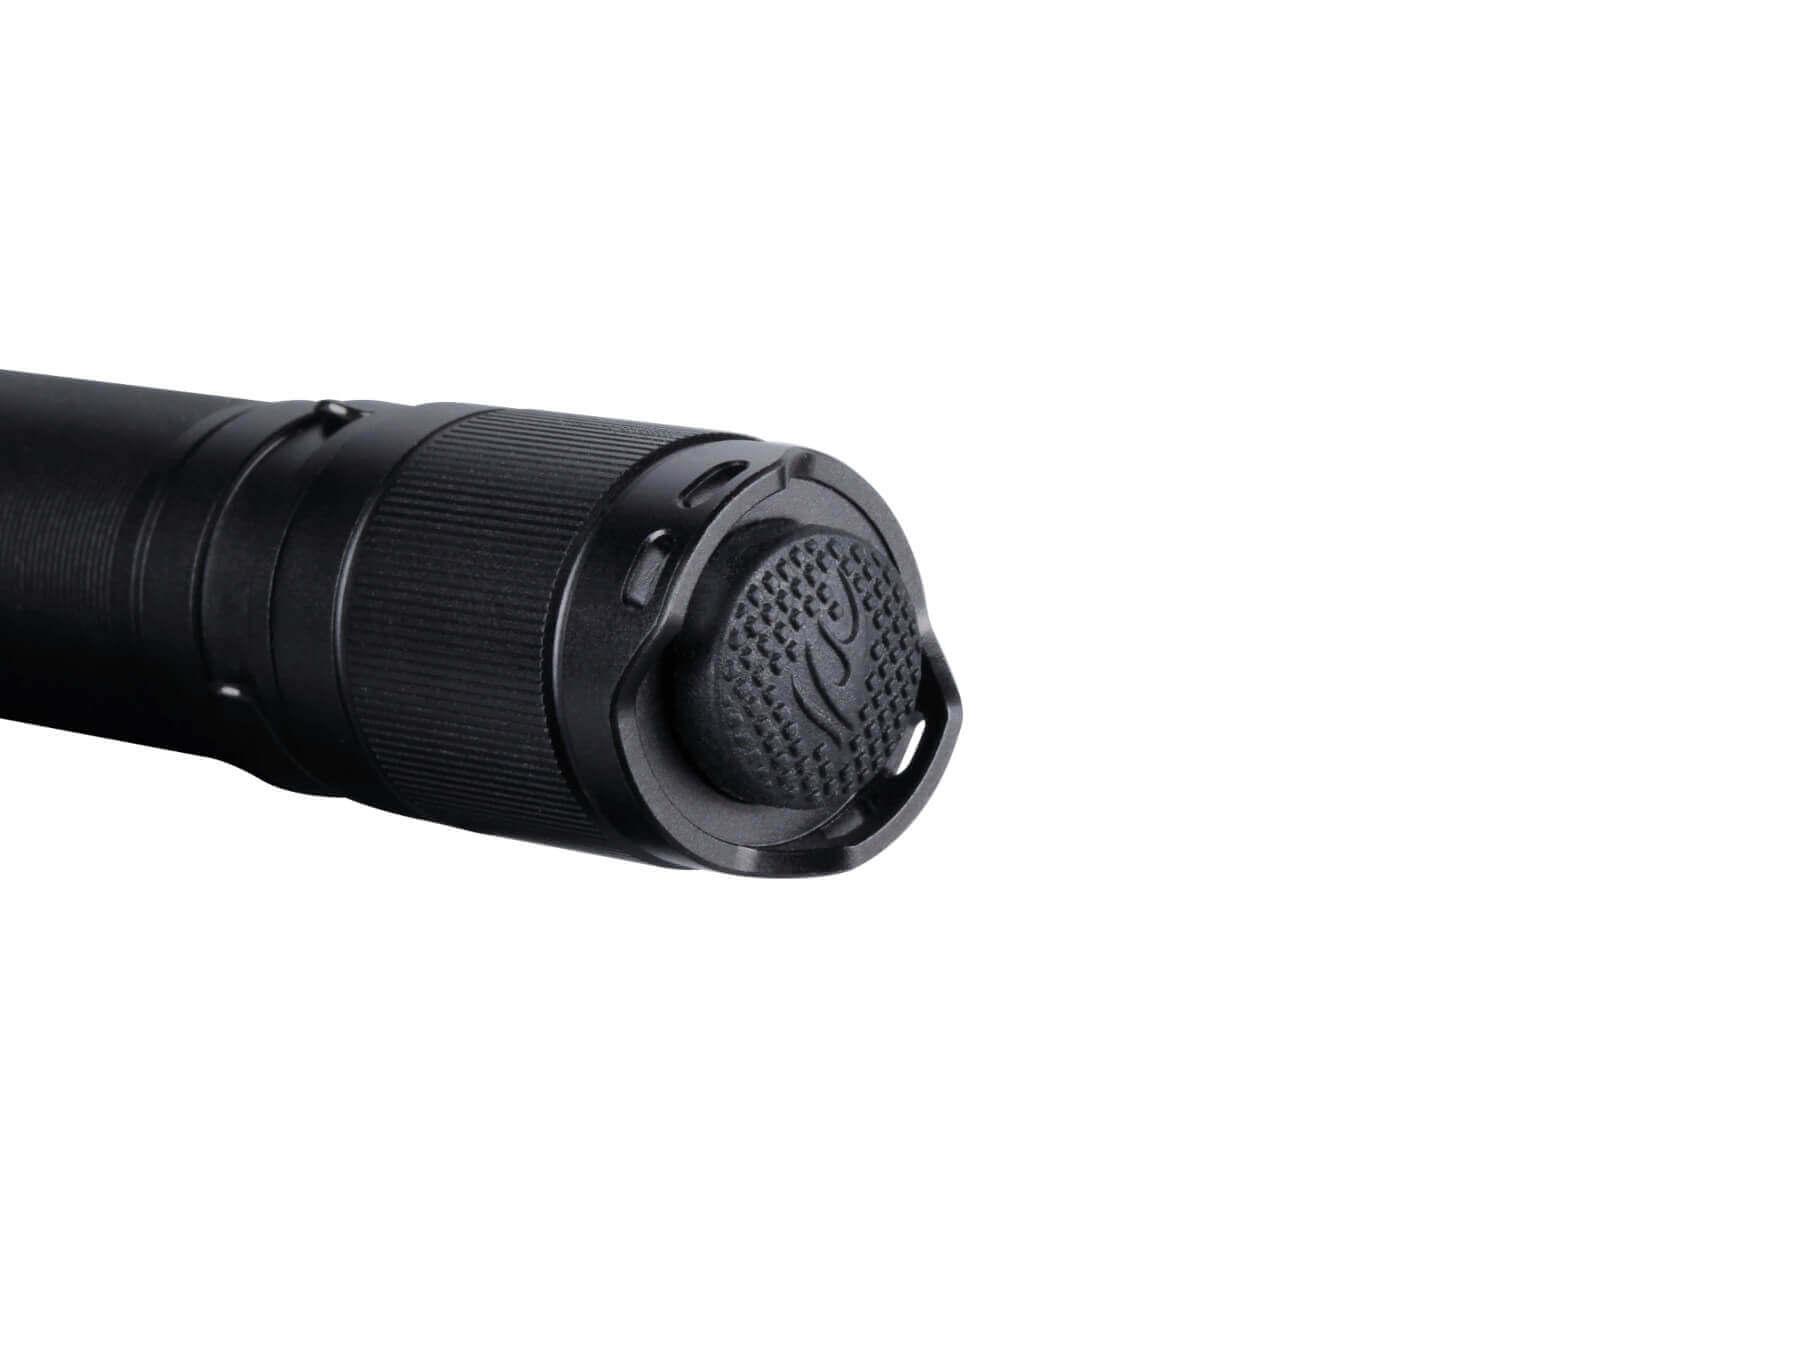 Taschenlampe E20 V2.0